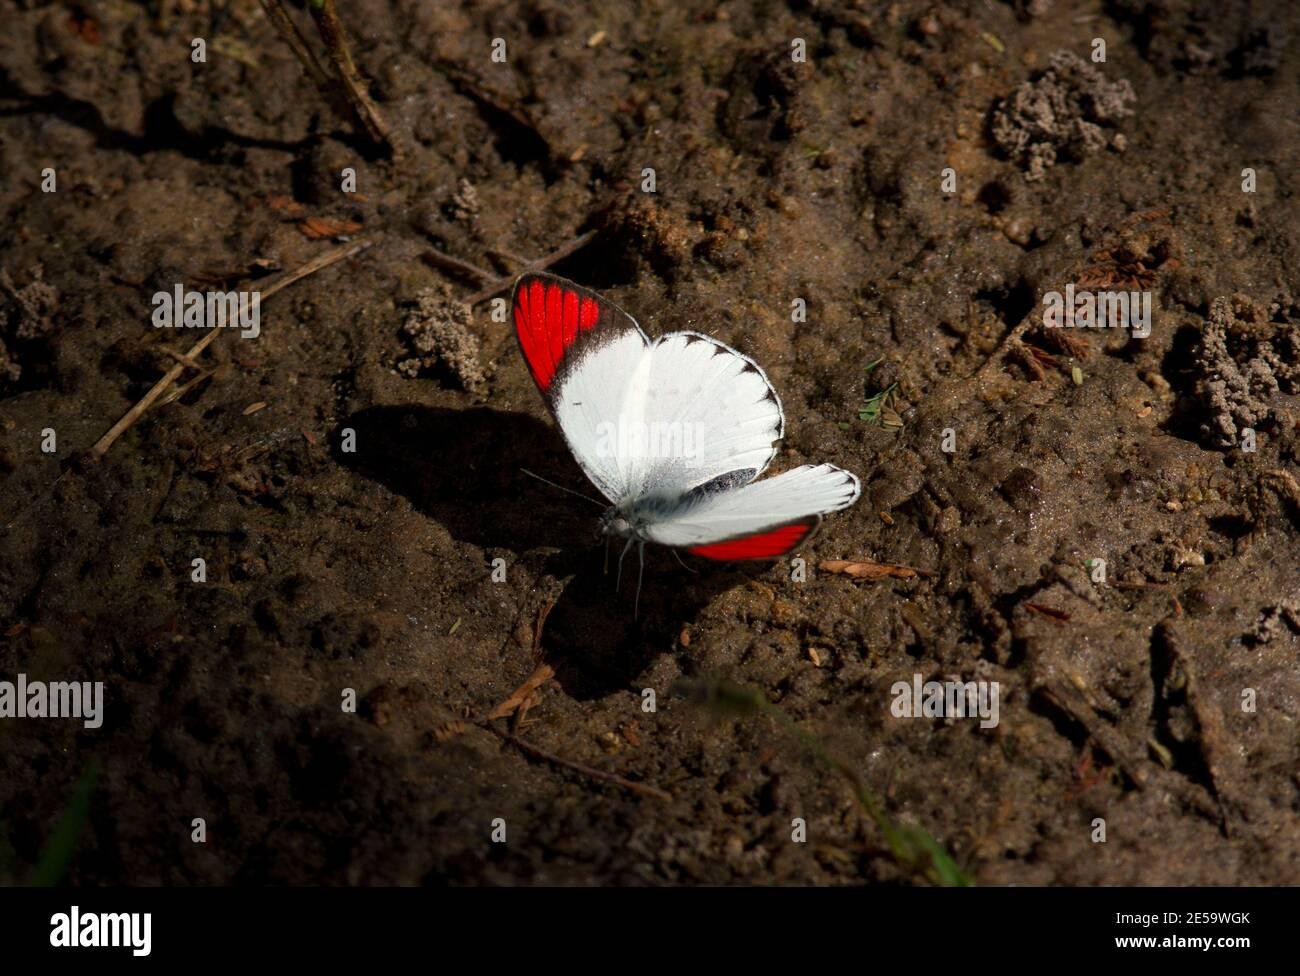 Una mariposa de colores brillantes y llamativa, el macho Scarlet Tip es activo flutaming de flor a flor sorber néctar o chupar la humedad Foto de stock